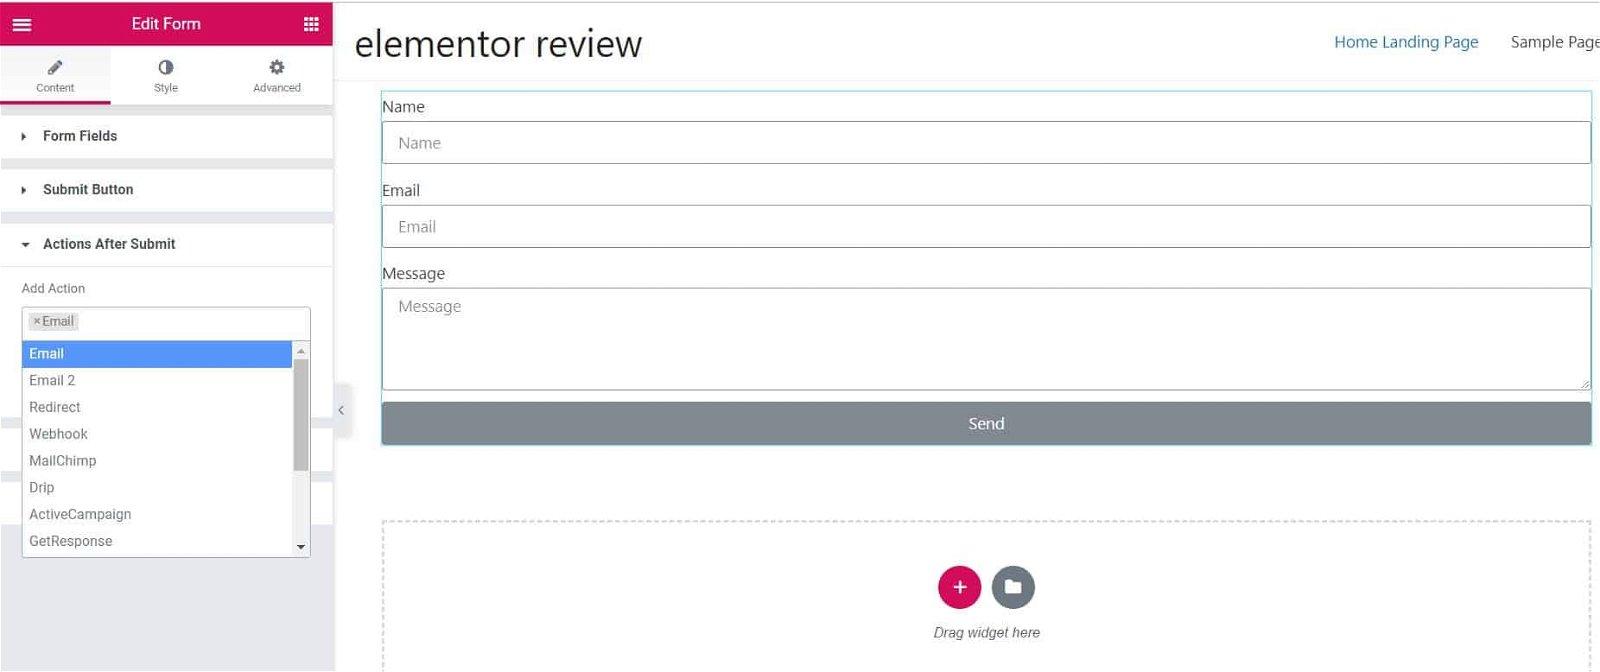 Recensione Elementor: come usare il page builder migliore per Wordpress 35